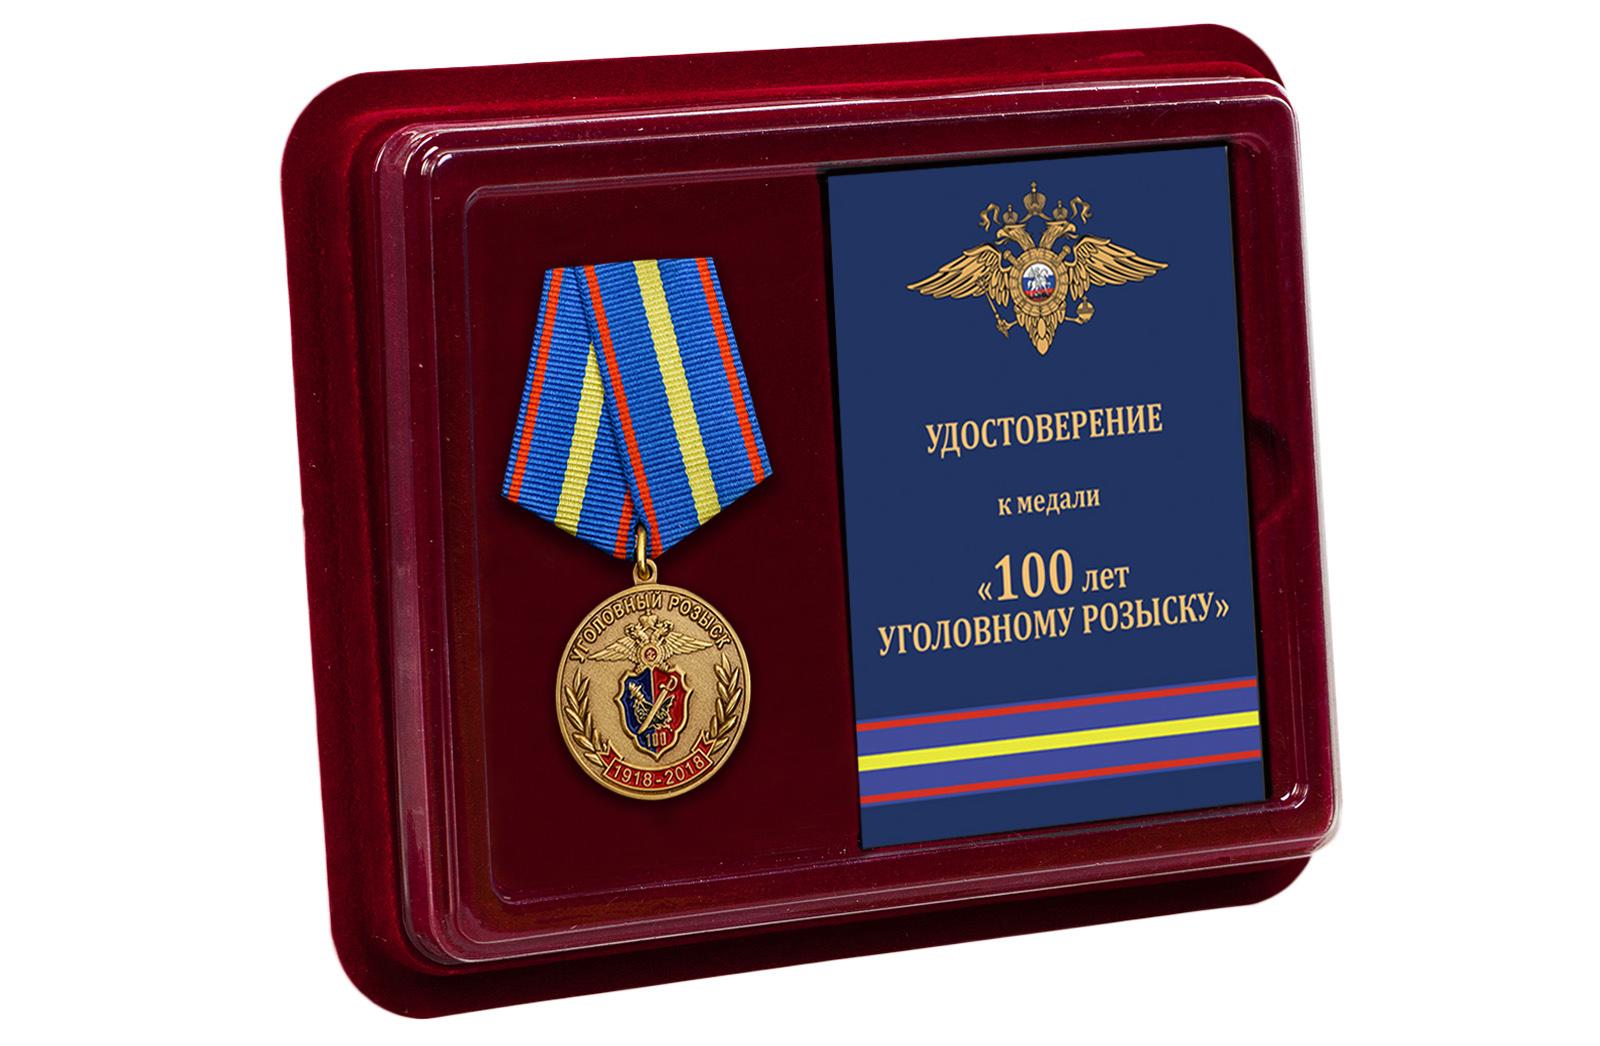 Купить медаль 100 лет Уголовному розыску МВД РФ оптом или в розницу